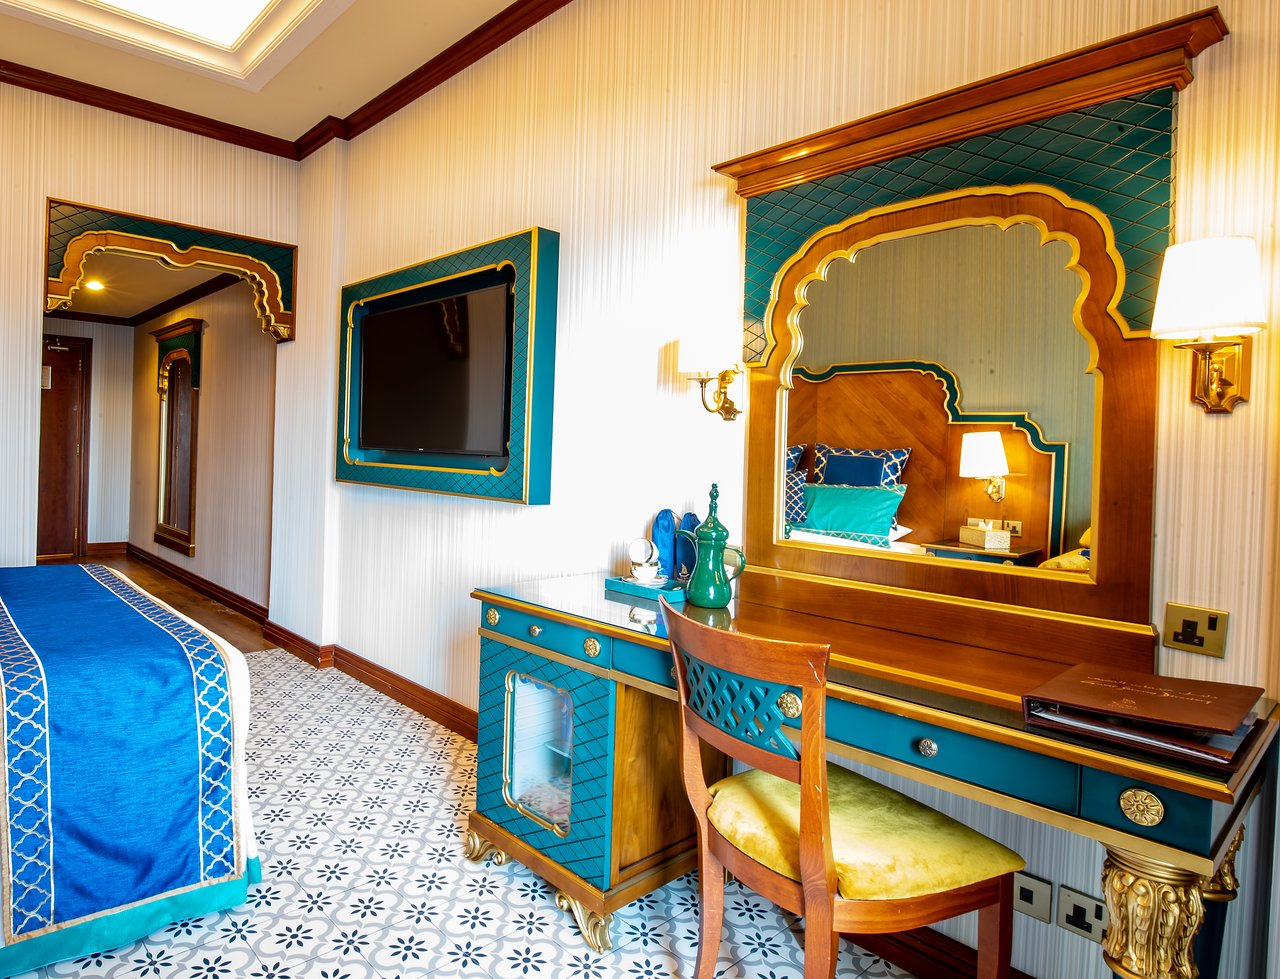 Riviera hotel 4 дубай отзывы 2018 аренда вилл на майорке с бассейном